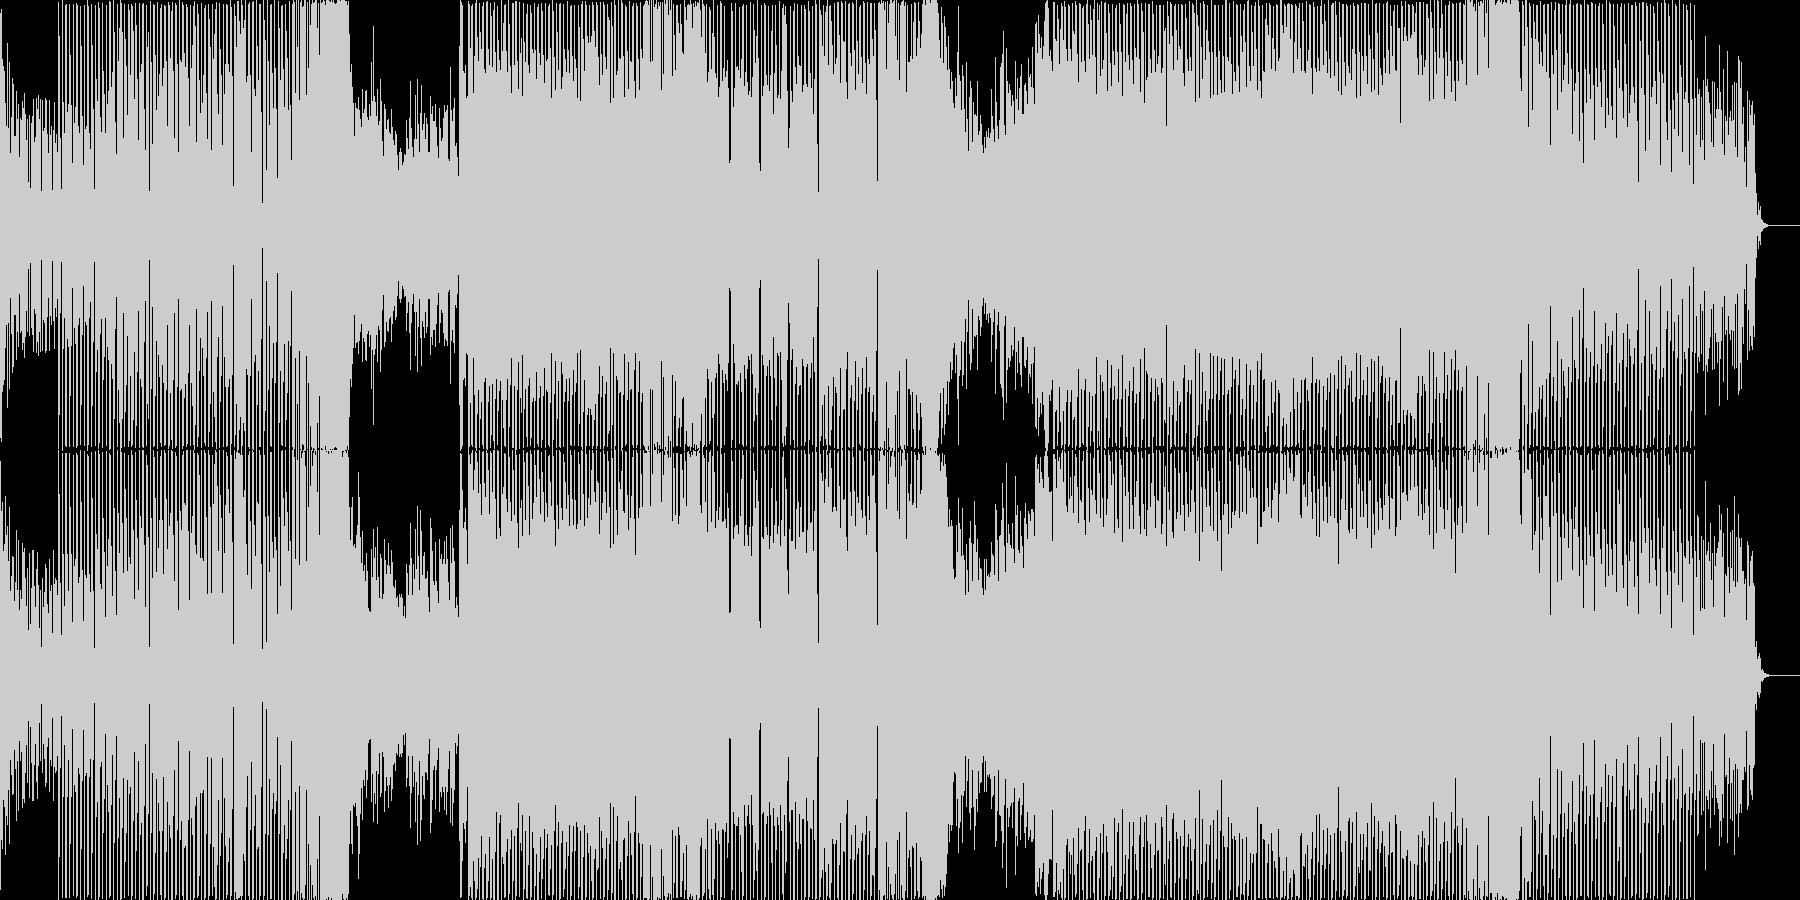 オールドラングサイン/蛍の光EDMカバーの未再生の波形